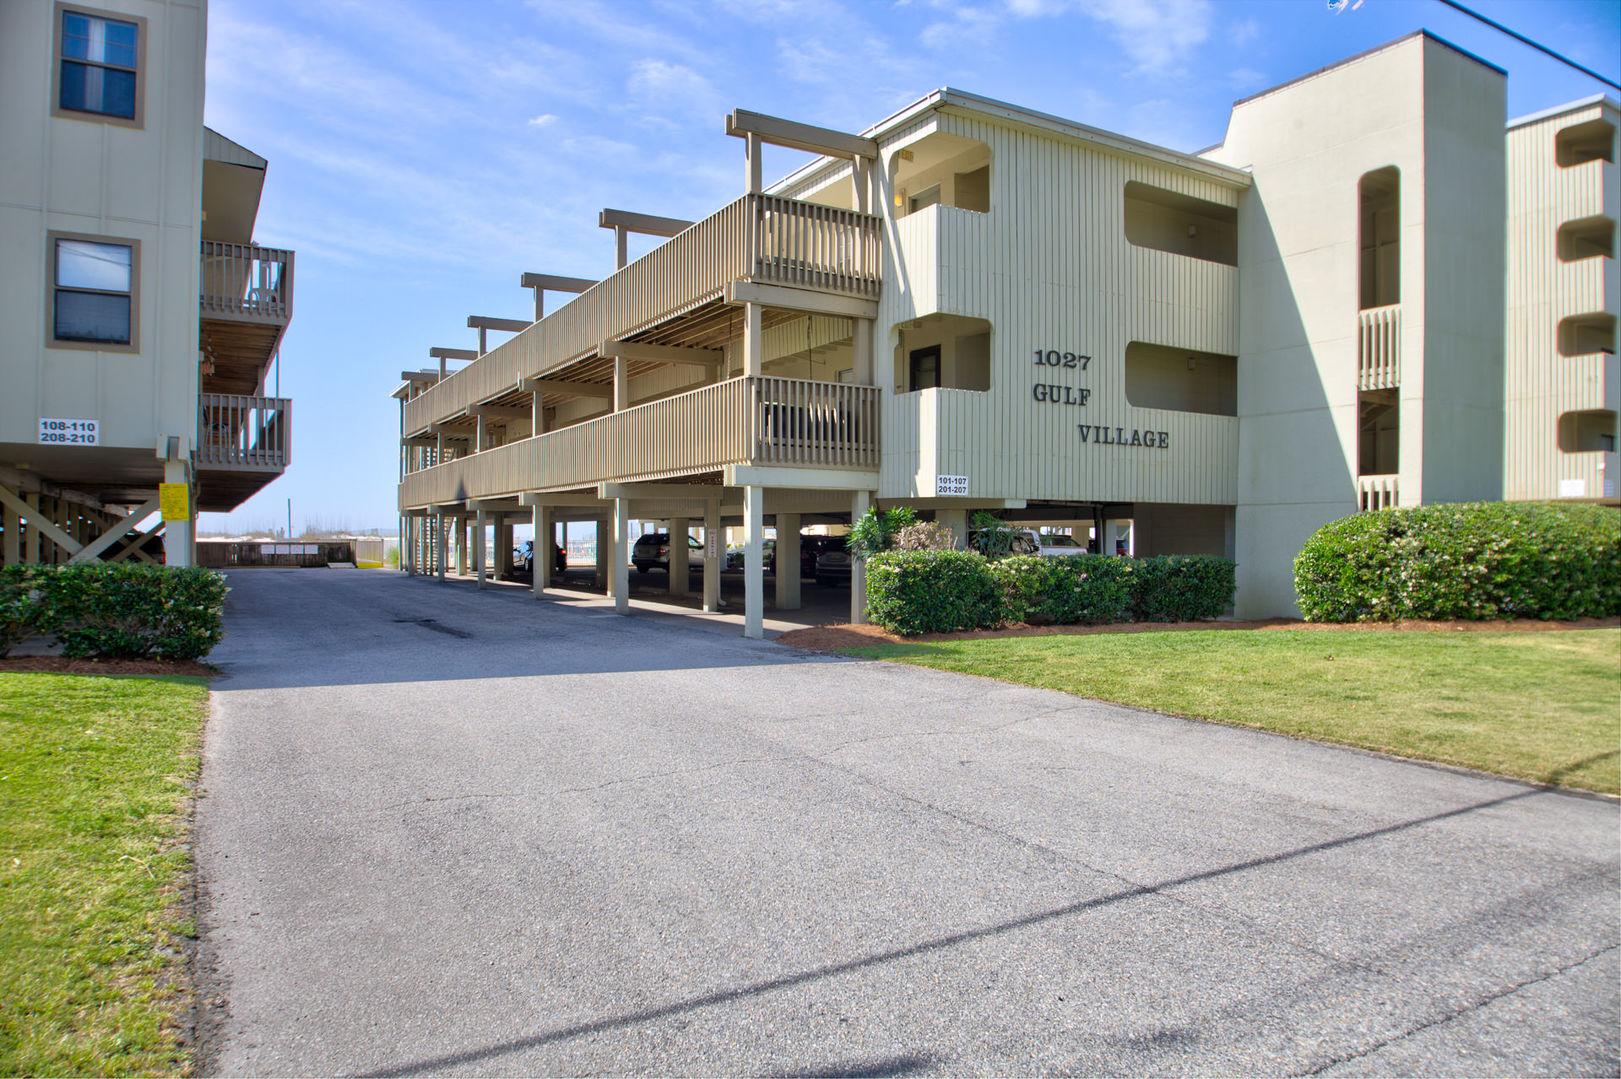 Gulf Village Condo Complex